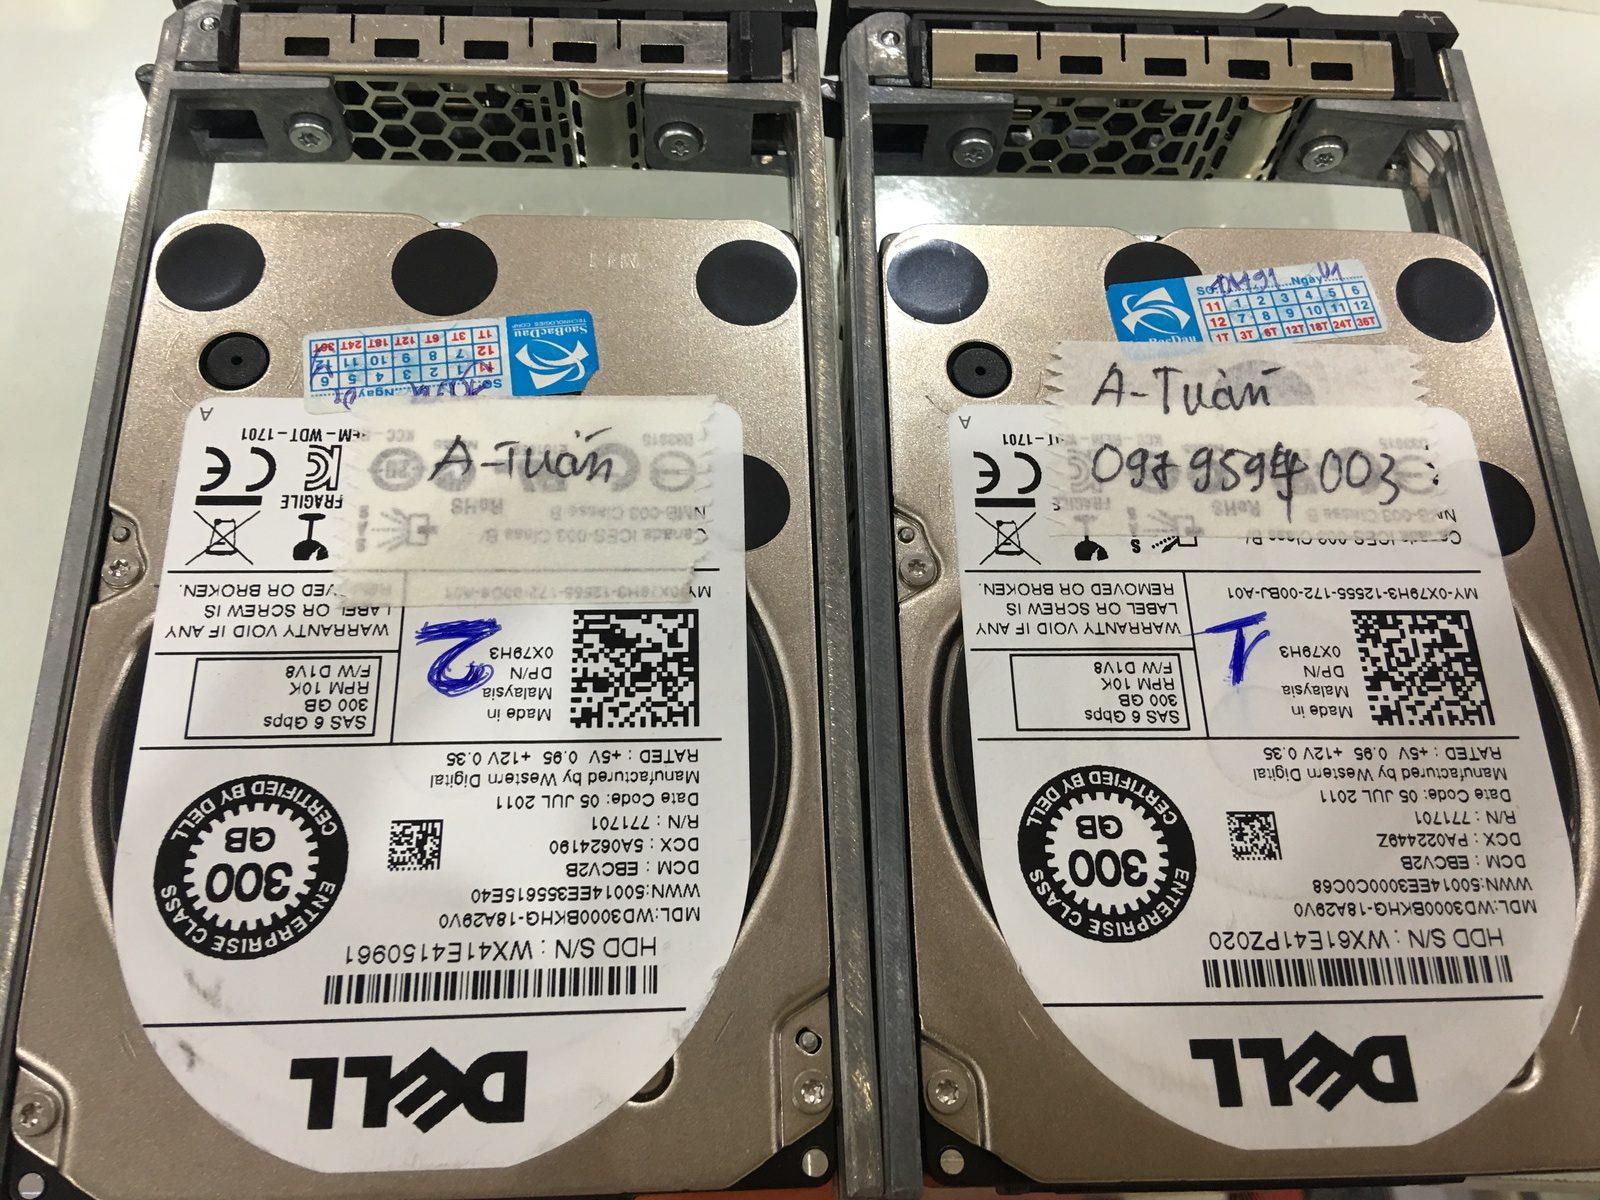 Cứu dữ liệu máy chủ Dell với 2HDDx300GB mất cấu hình RAID 05/09/2019 - cuumaytinh